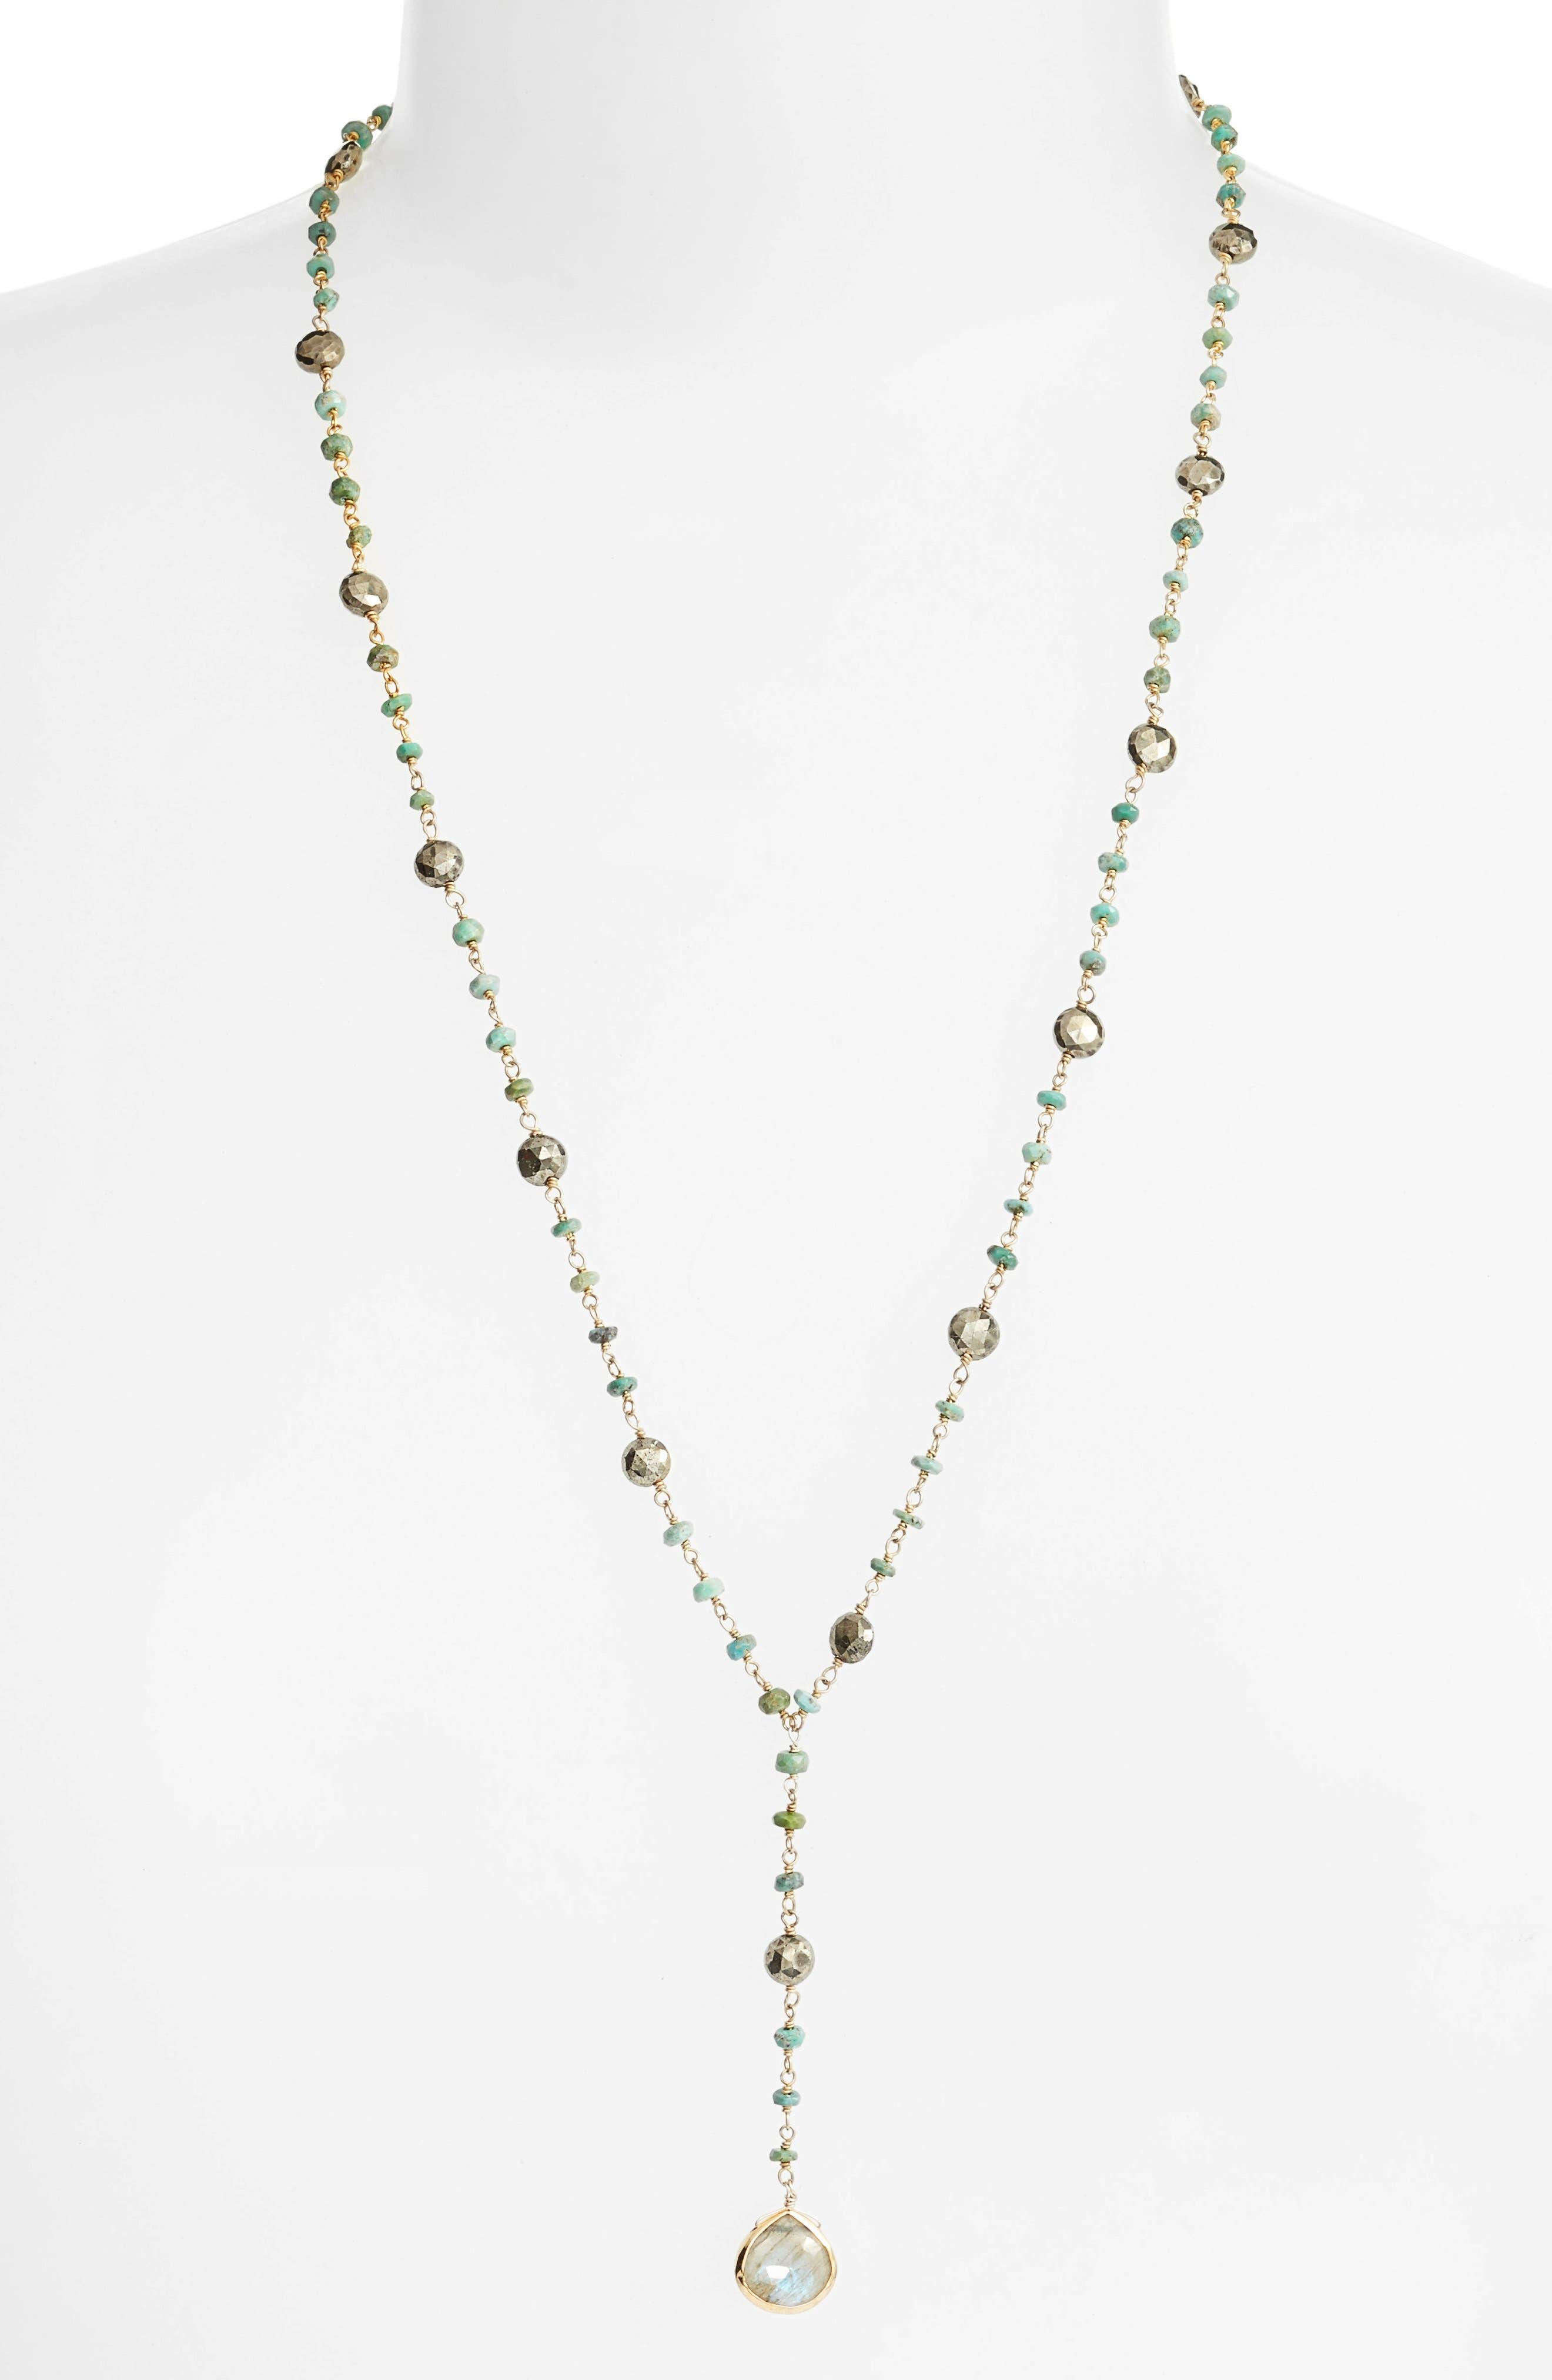 Main Image - ela rae Yaeli Satellite 24 Semiprecious Stone Y-Necklace